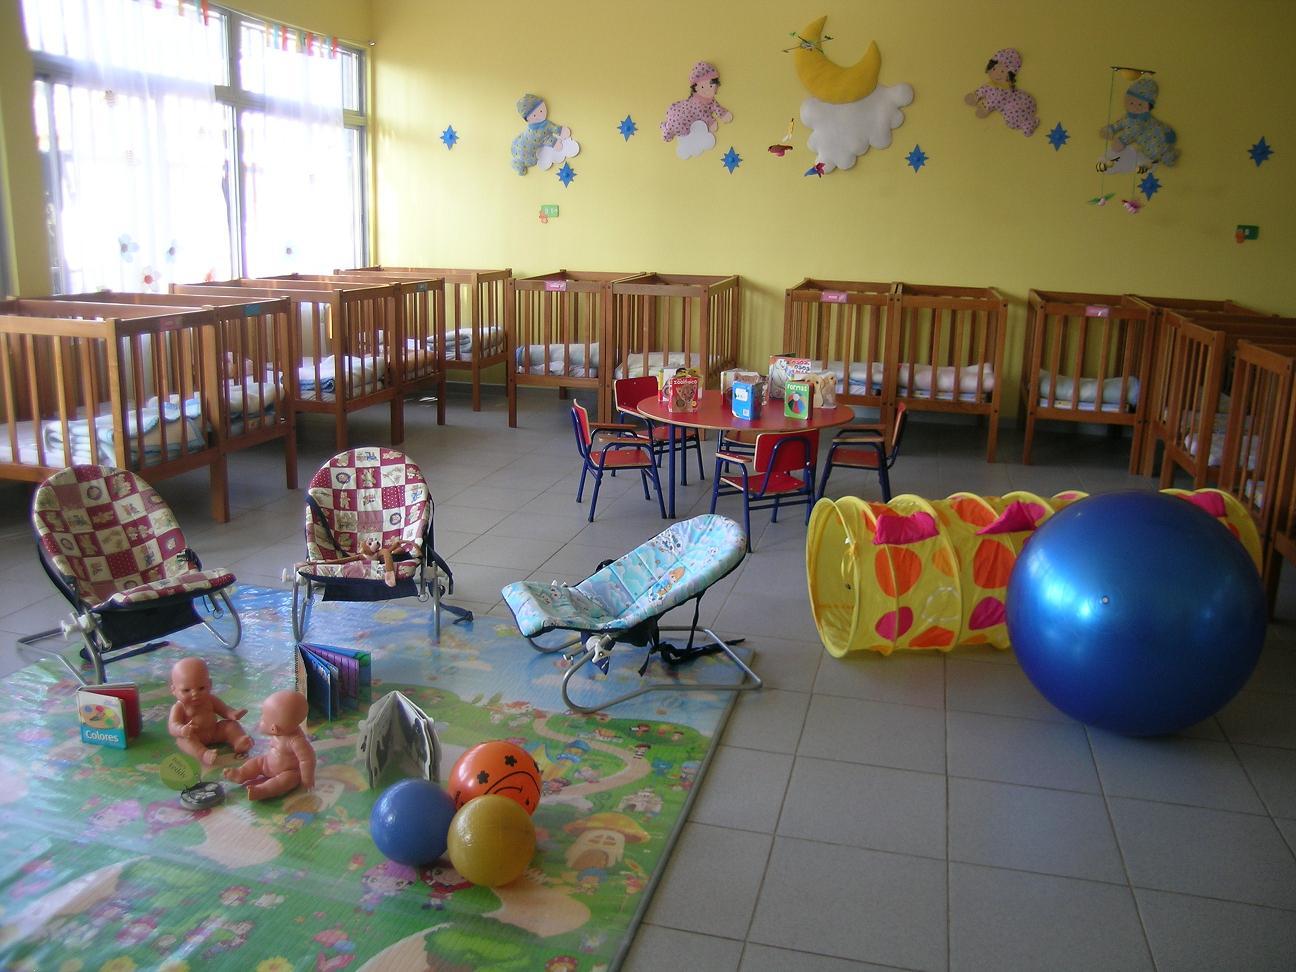 Sala cuna y jard n infantil santa ana julio 2011 for Actividades para jardin infantil